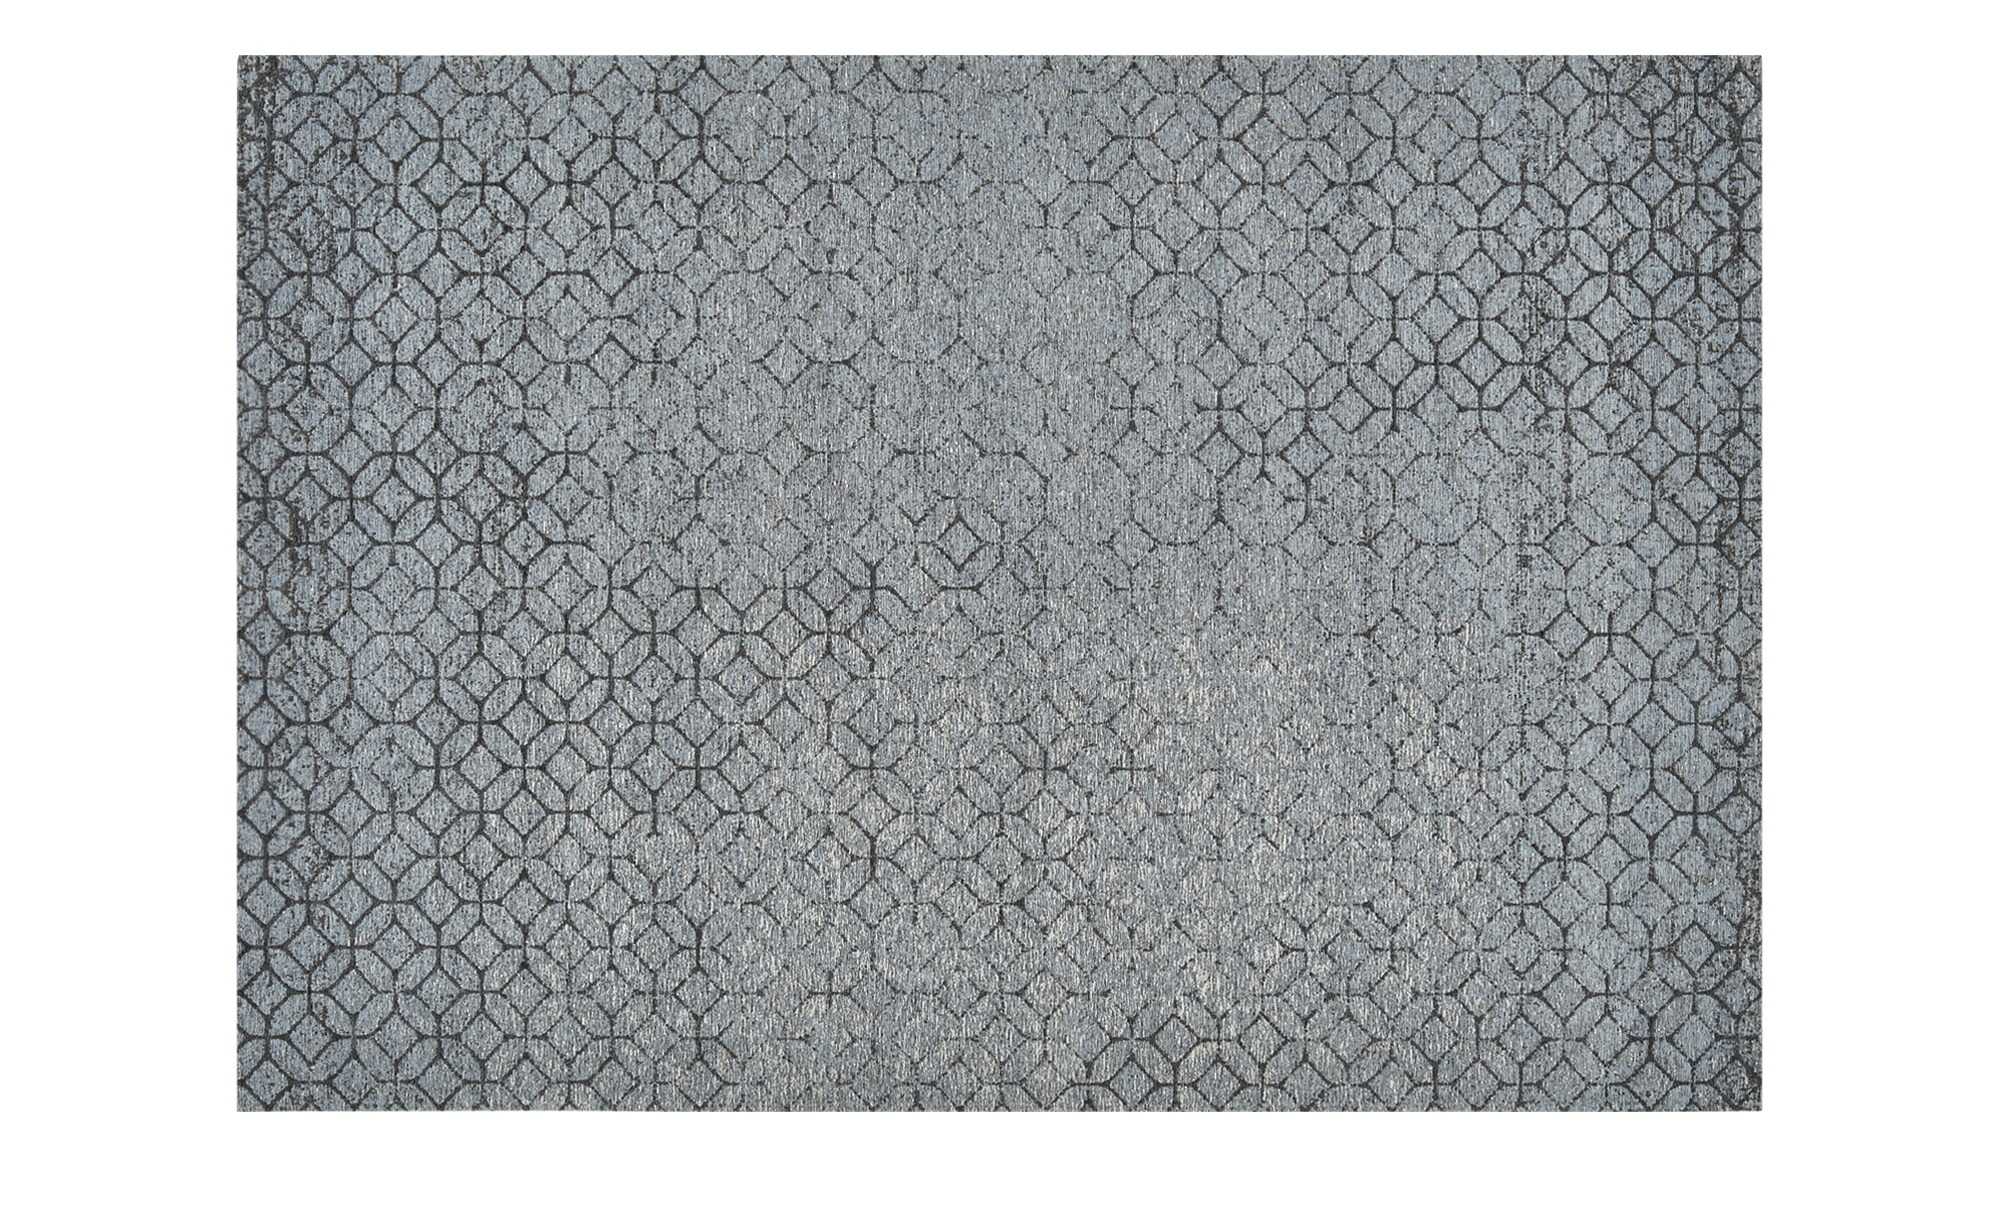 Webteppich  Harmonie 2000 ¦ blau ¦ 34% Baumwolle, 33% Polyethylen, 33% Chenille Acryl ¦ Maße (cm): B: 130 Teppiche > Wohnteppiche - Höffner